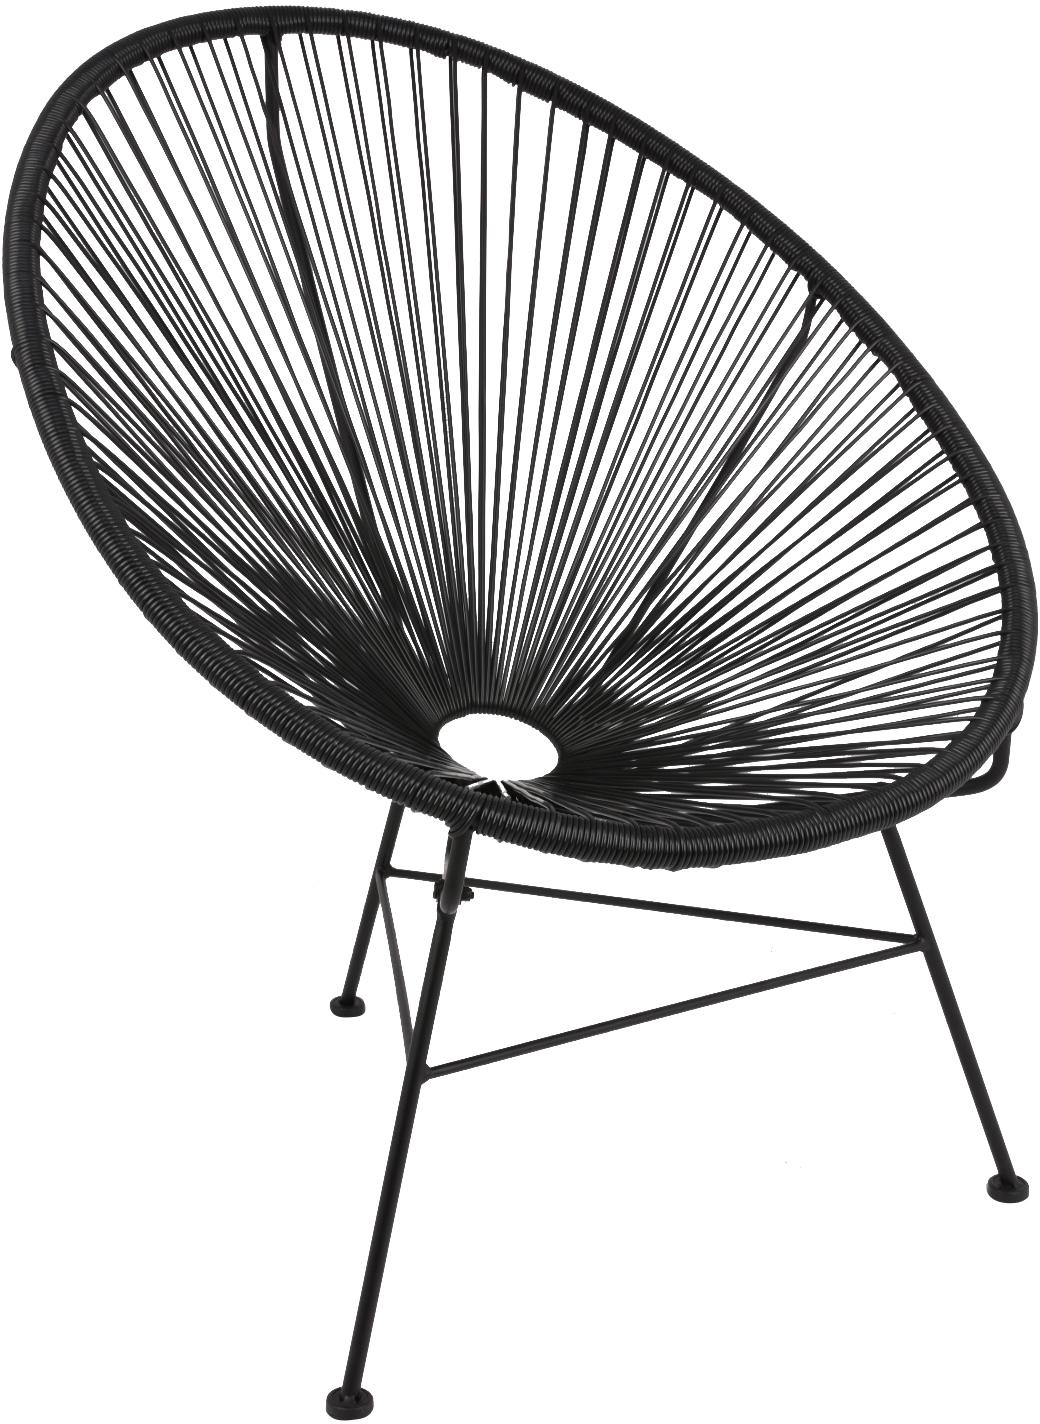 Sedia a poltrona intrecciata Bahia, Seduta: materiale sintetico, Struttura: metallo verniciato a polv, Materiale sintetico: nero. Struttura: nero, Larg. 81 x Prof. 73 cm